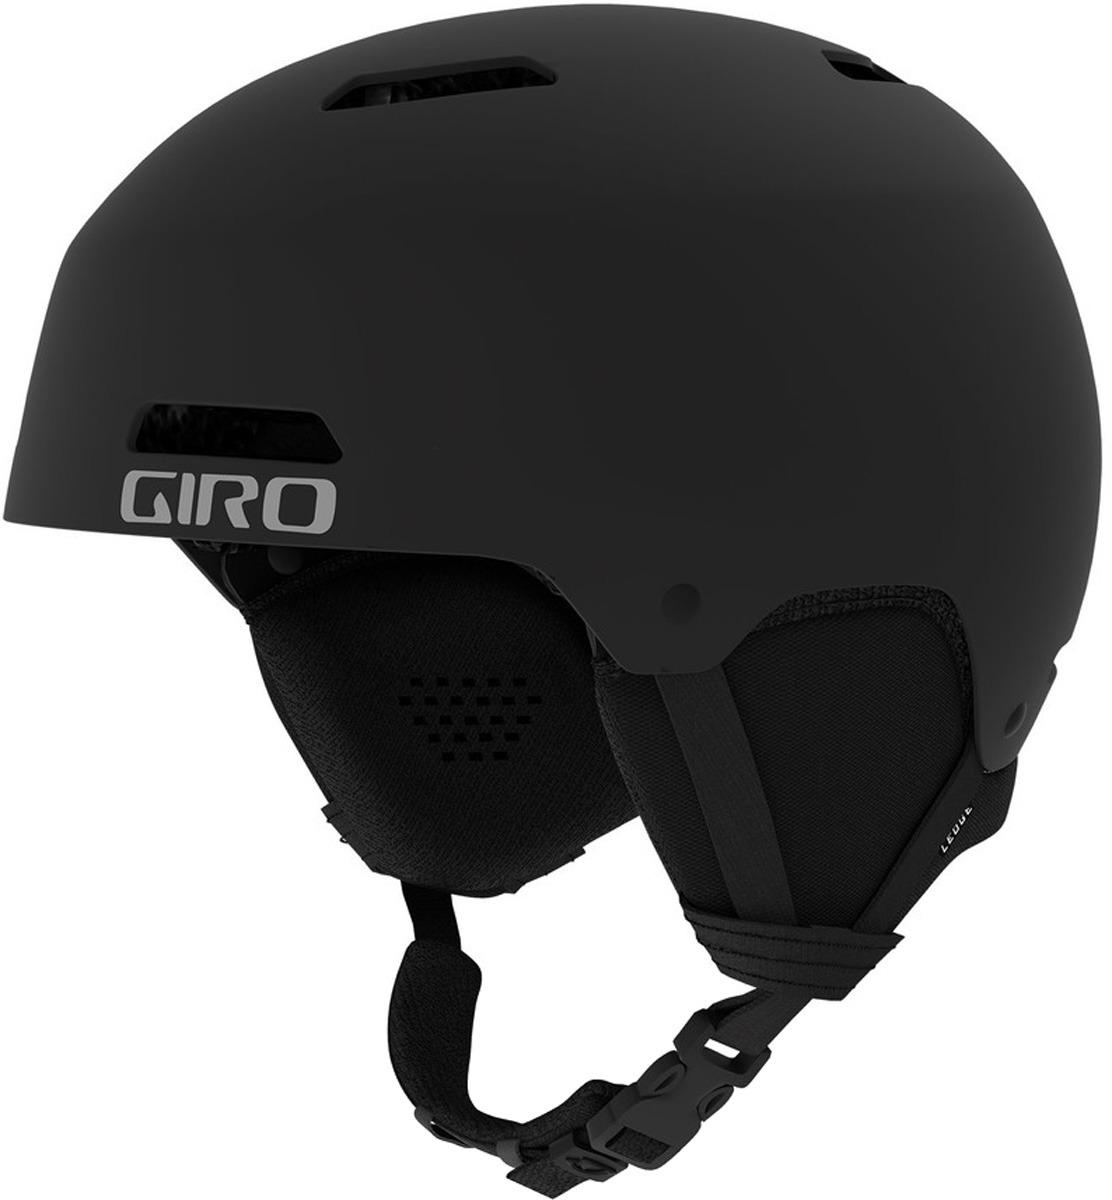 Шлем горнолыжный Giro Ledge, 7060353, черный, размер L (59-62) цена